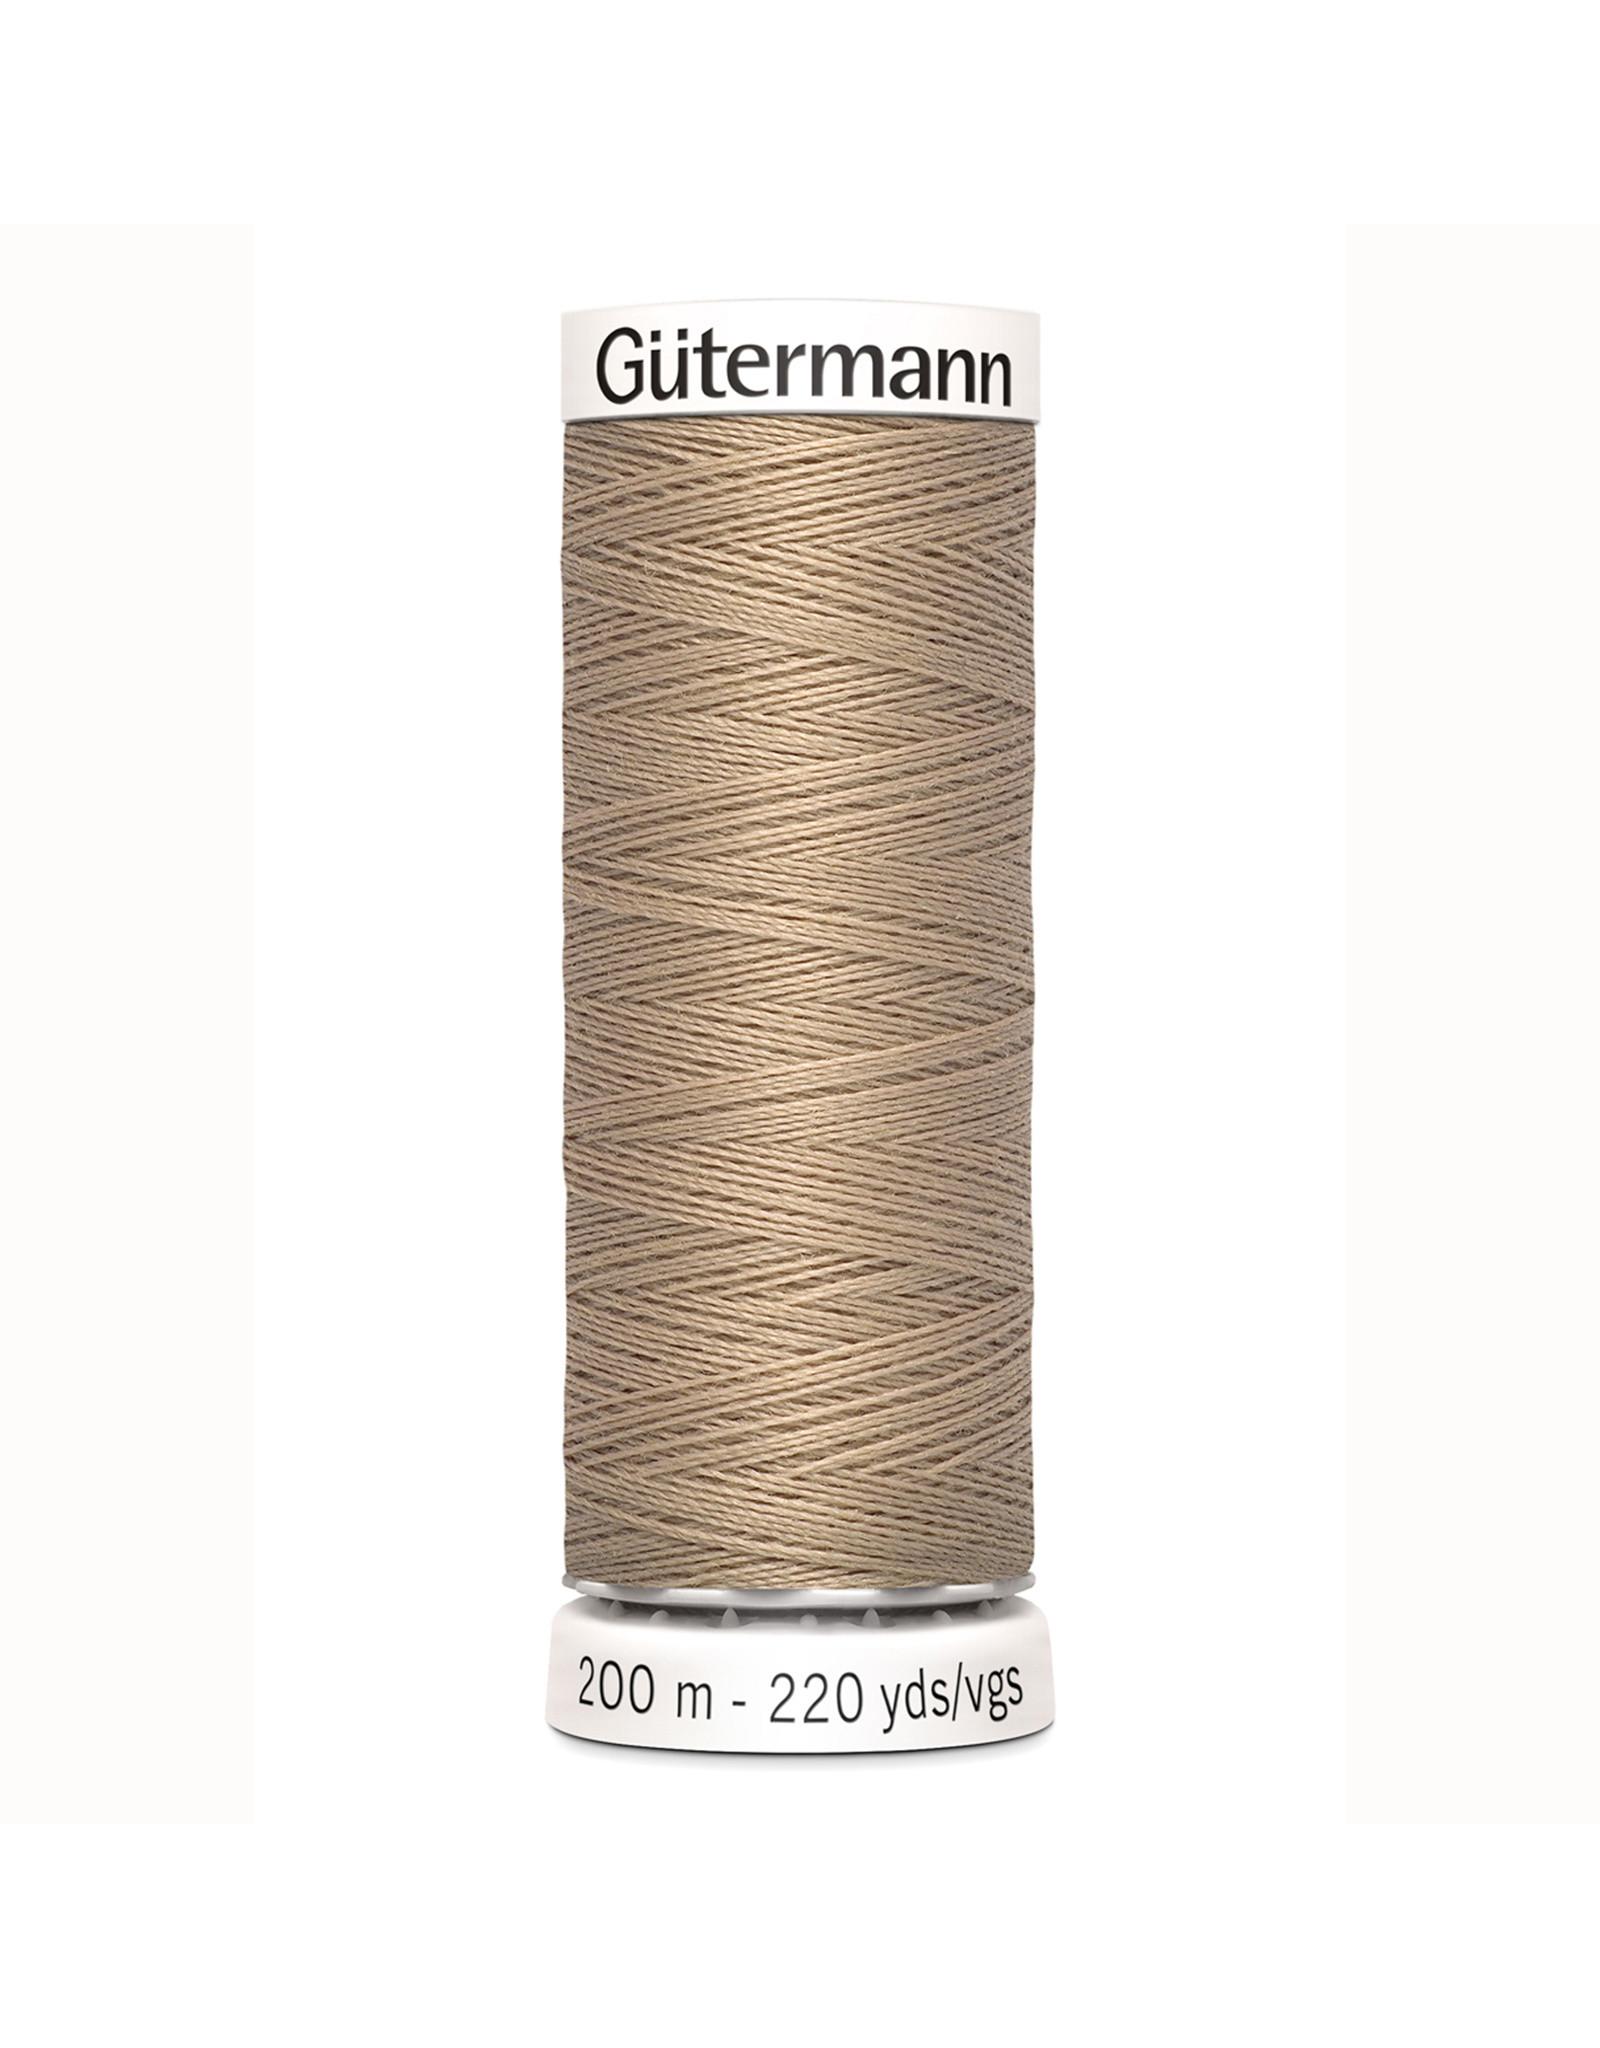 Gütermann Gütermann Nähgarn 200 m - nr 215